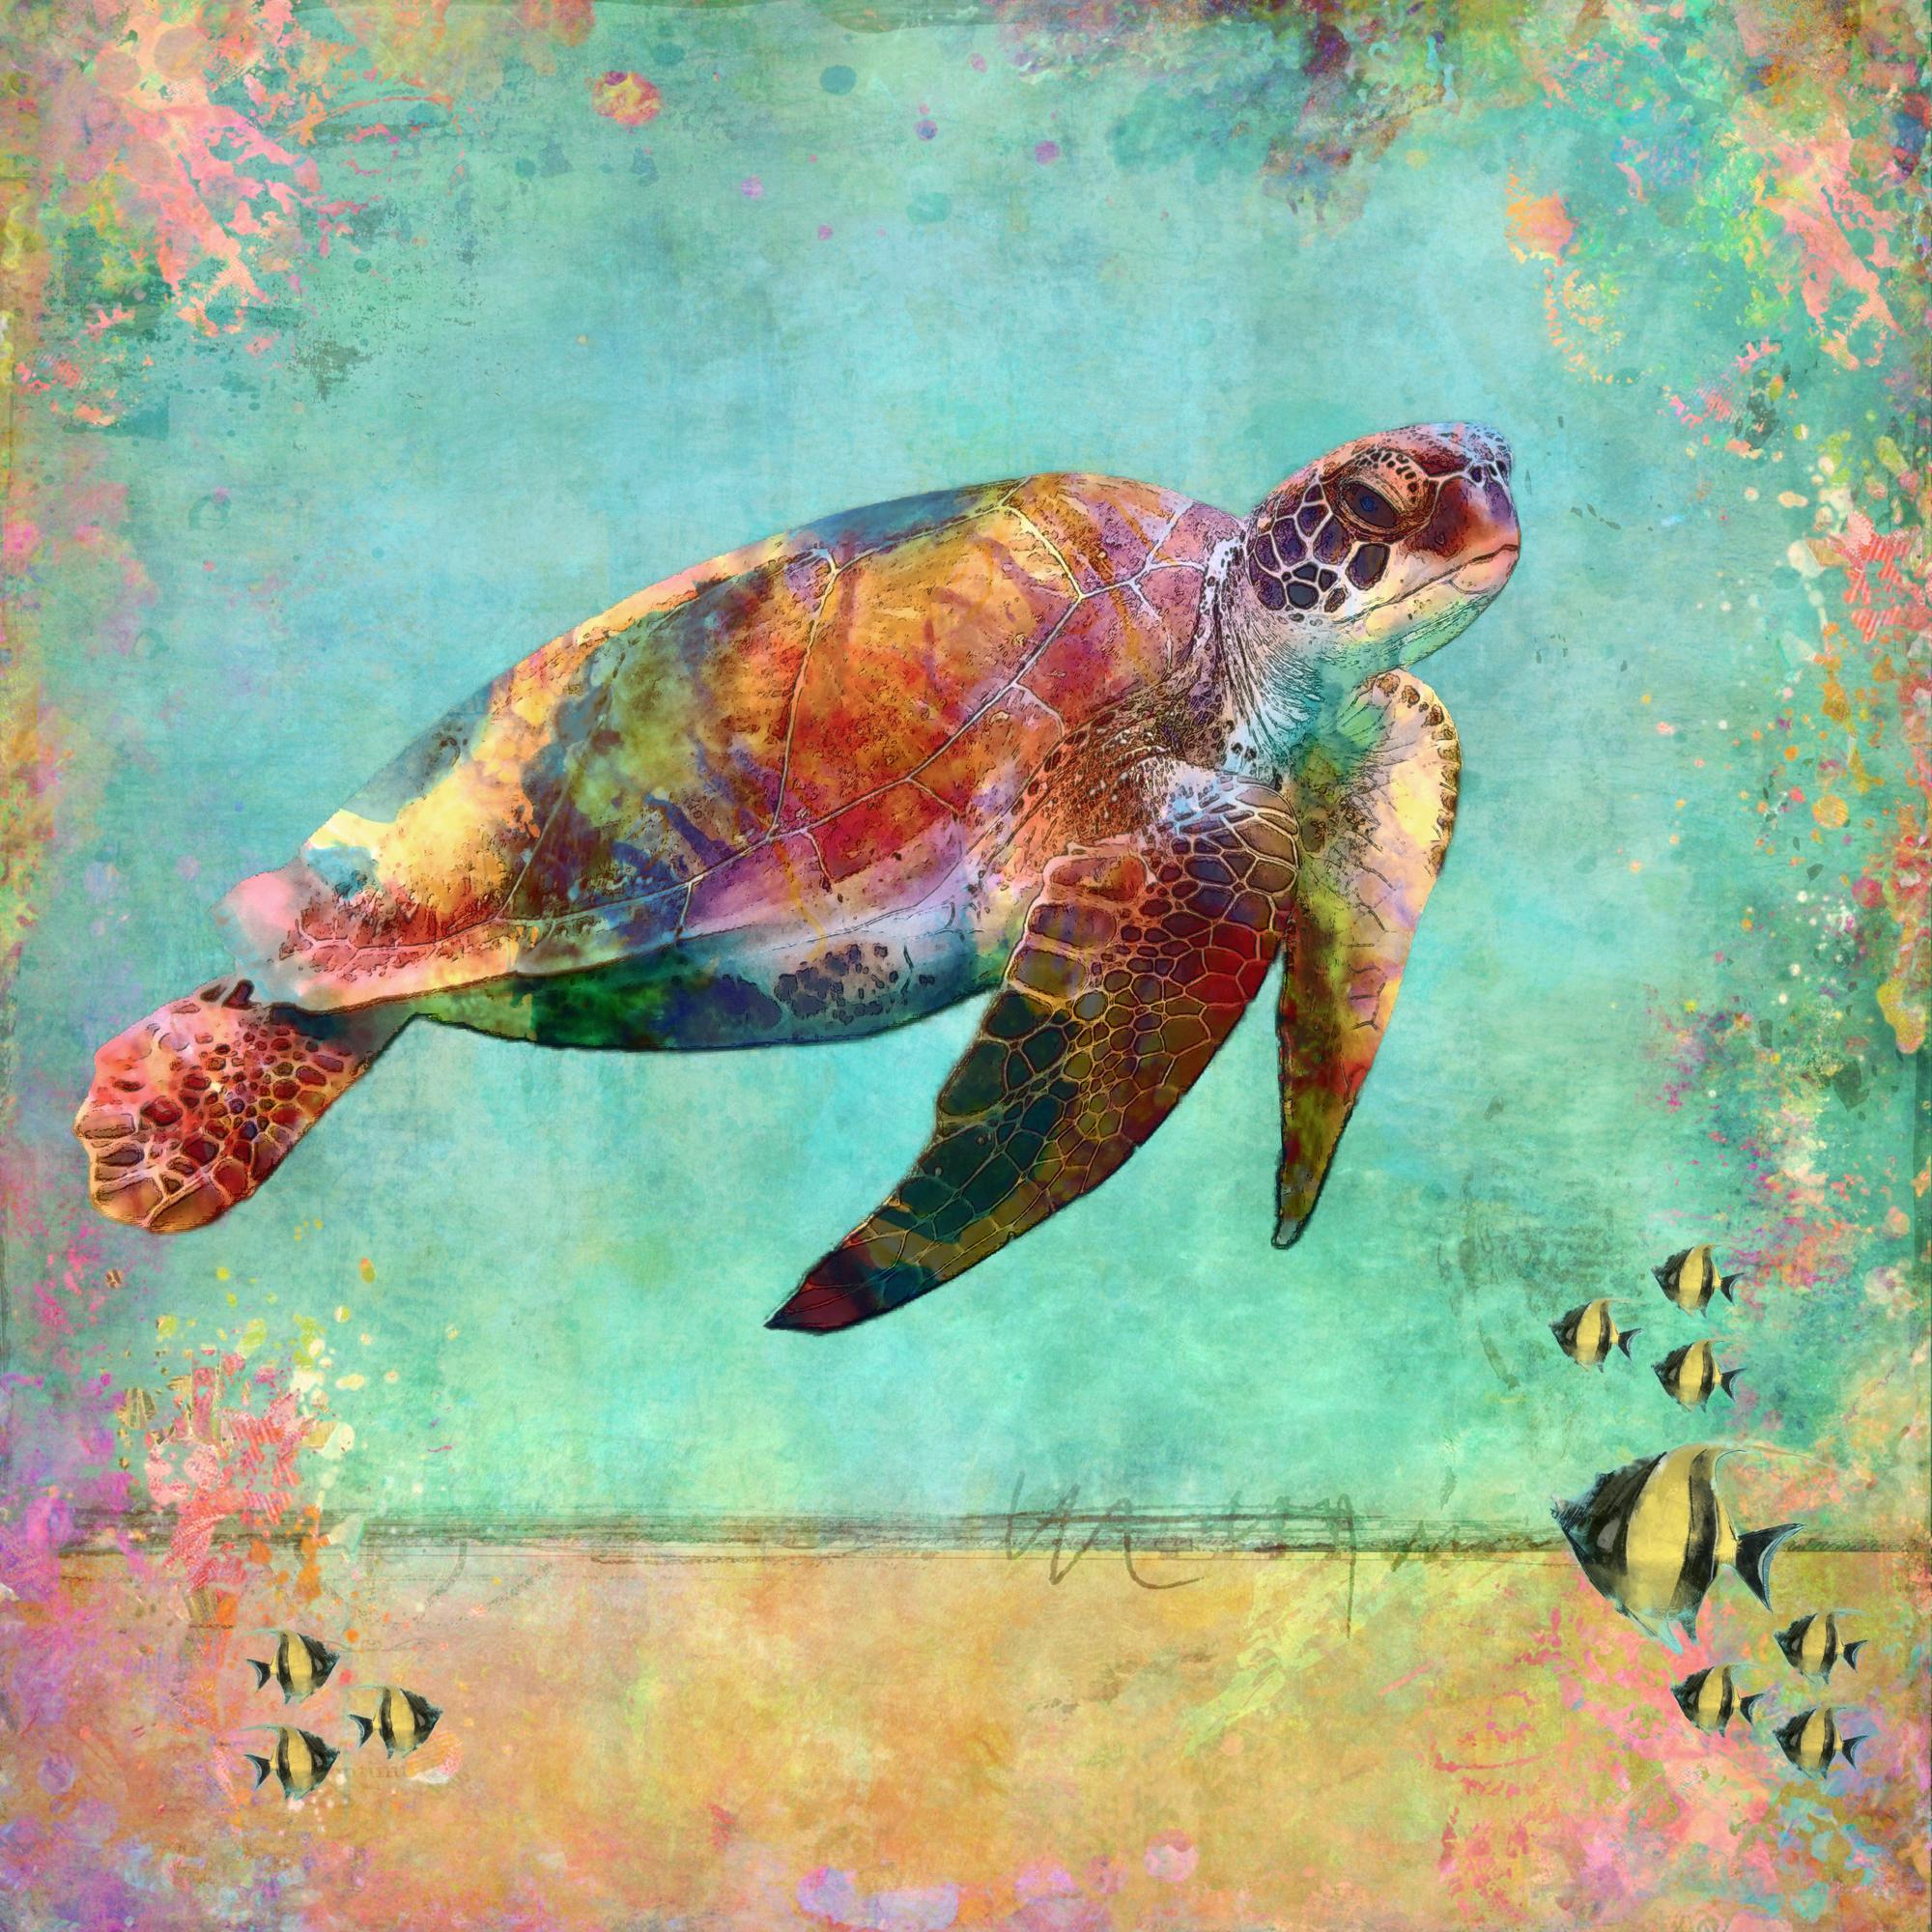 Sea Turtle 1 (small).jpg